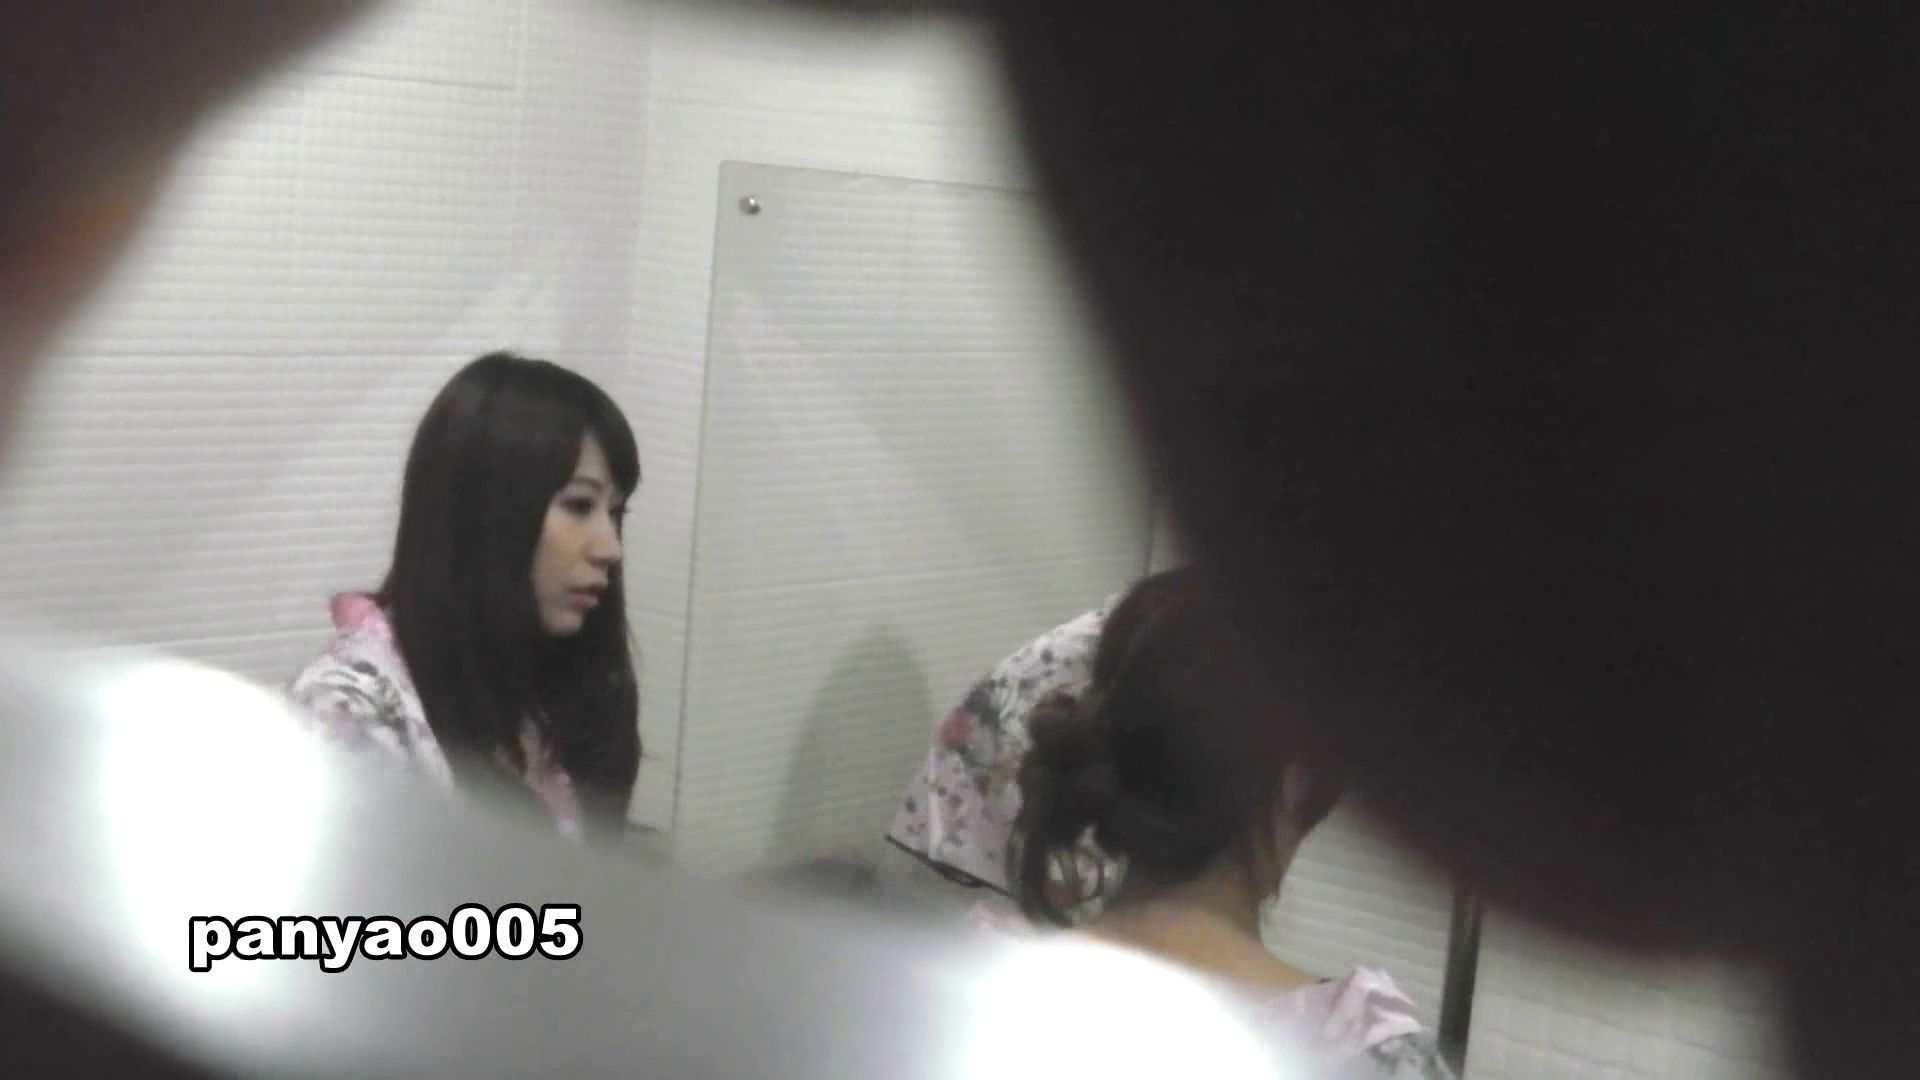 日本成人用品展览会。vol.05 そんな格好で… OLの実態 盗撮アダルト動画キャプチャ 49pic 20